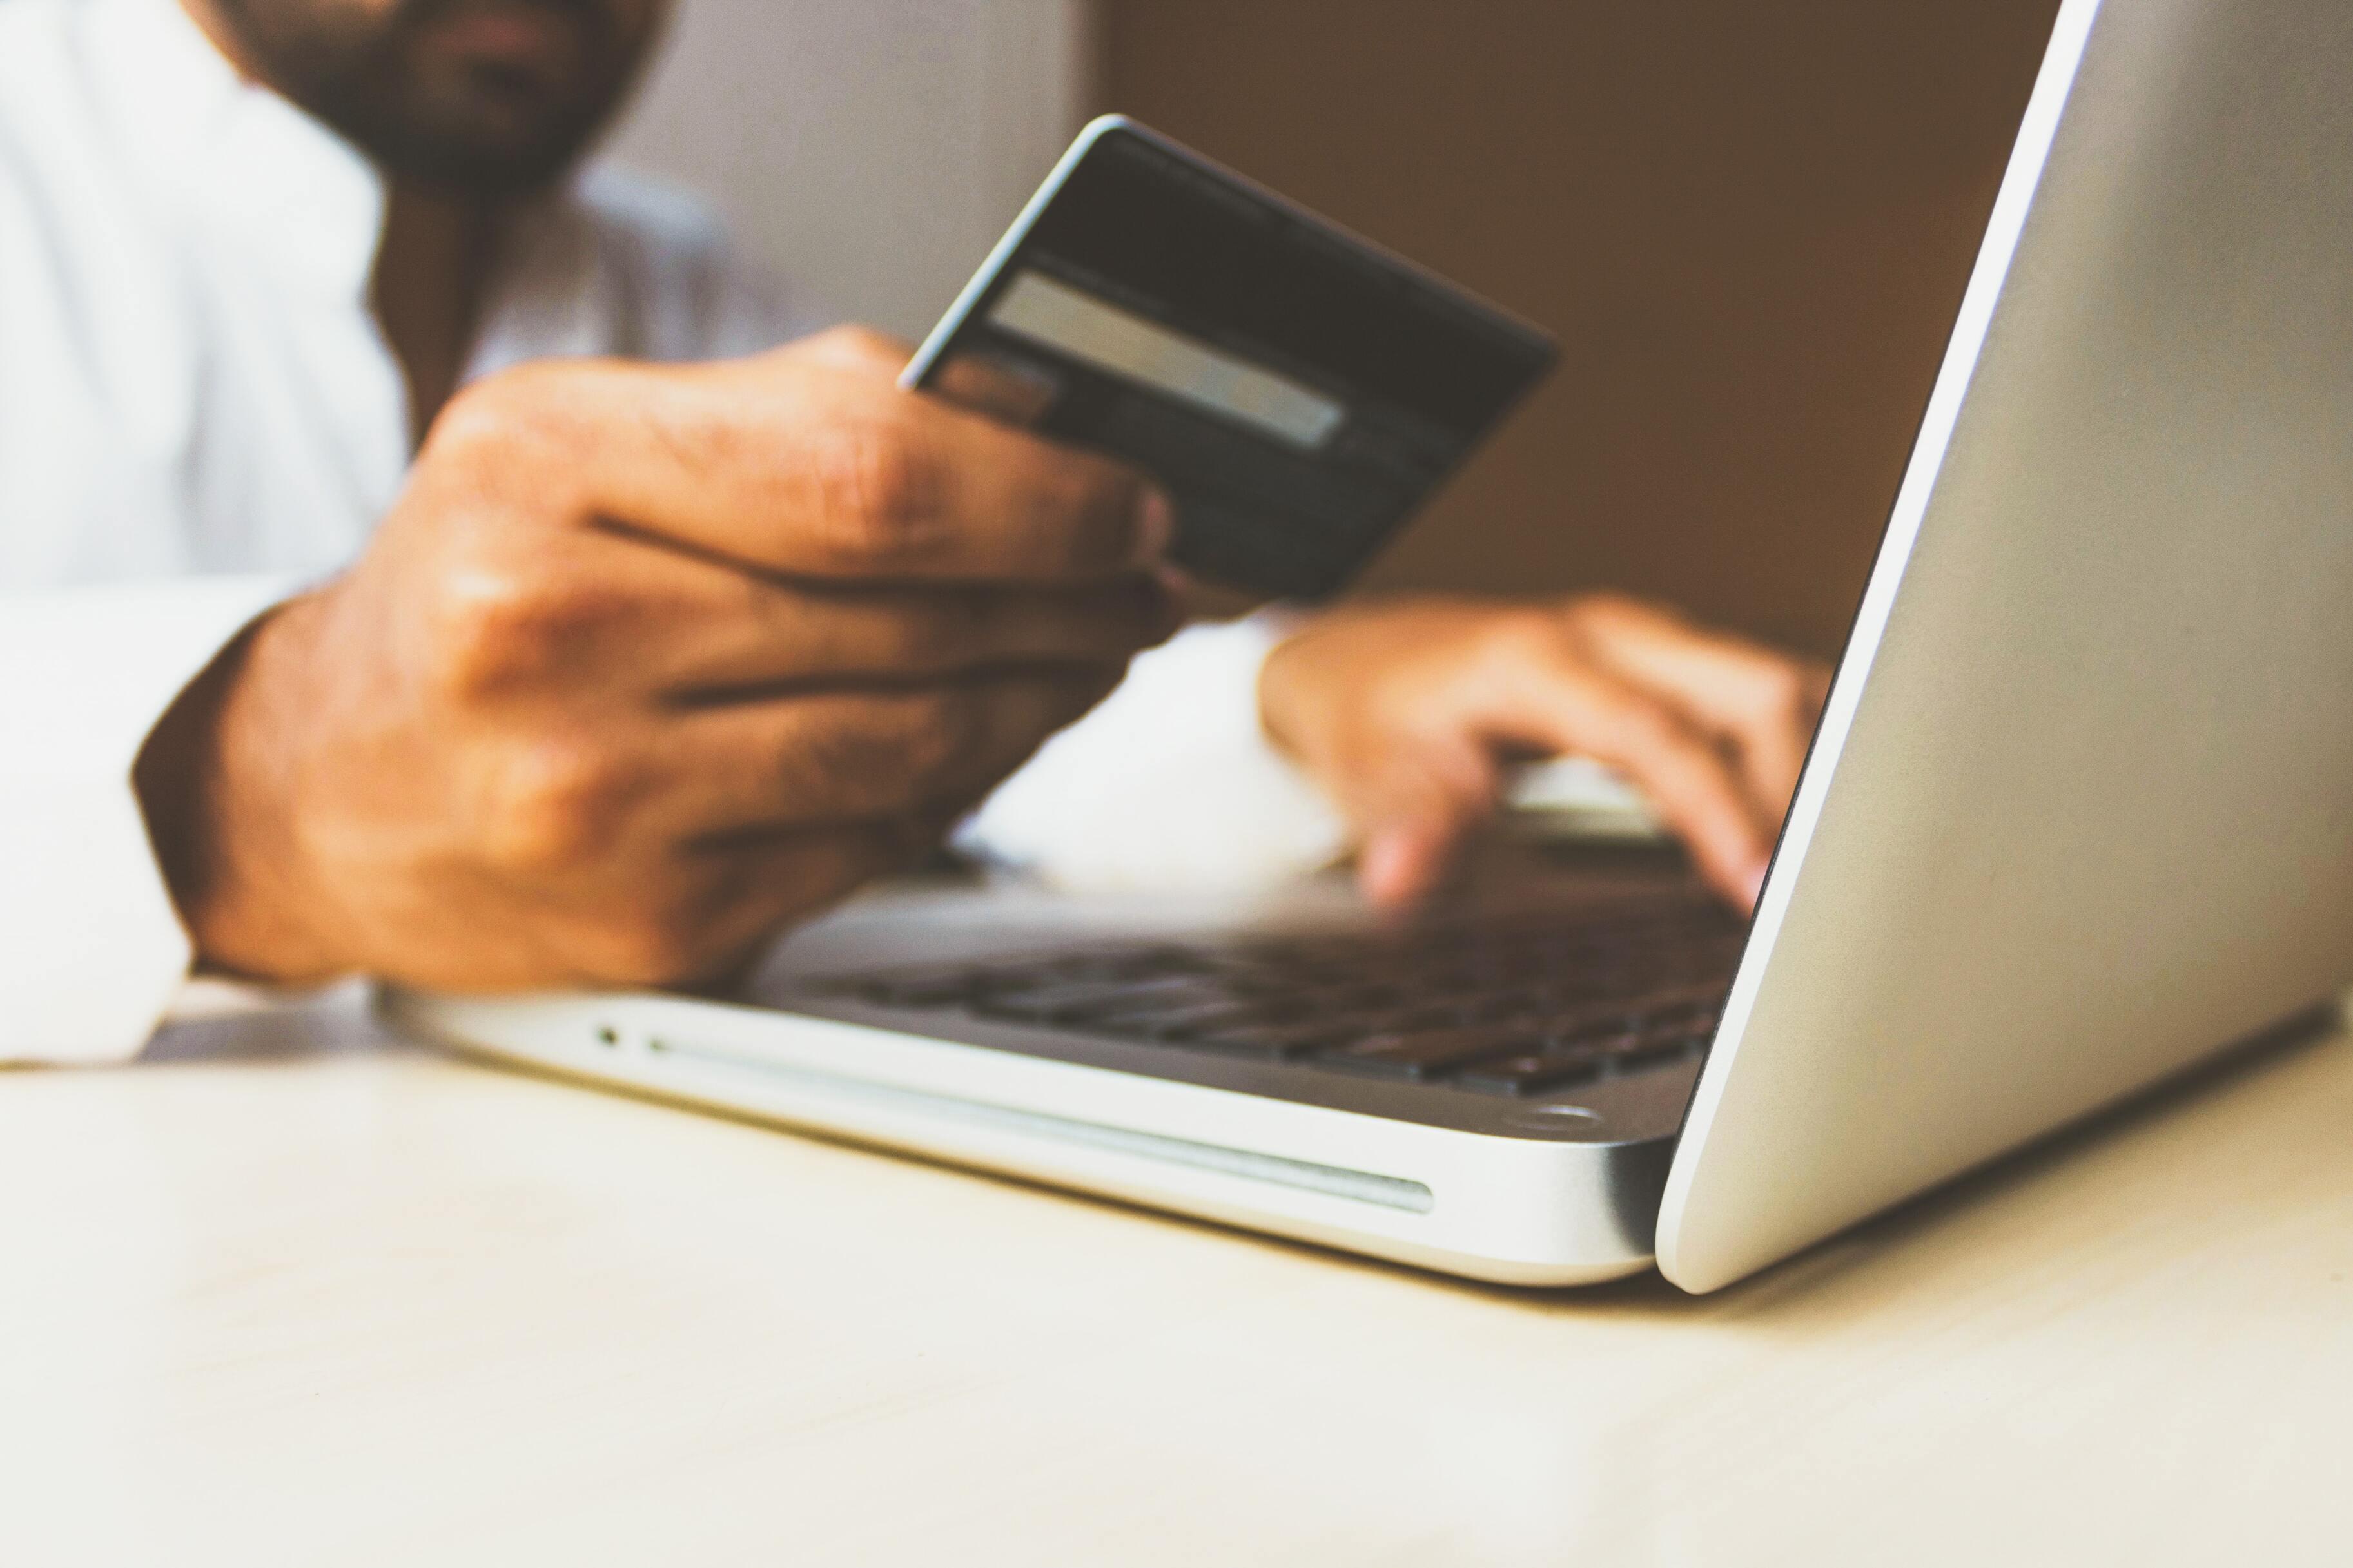 Пожилые россияне делают самые дорогие покупки в интернете